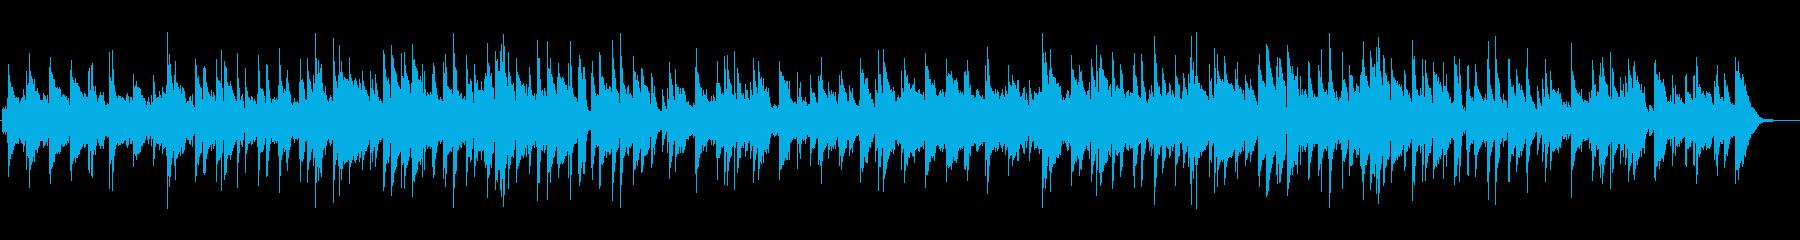 やさしいゆったり オルゴール調の再生済みの波形